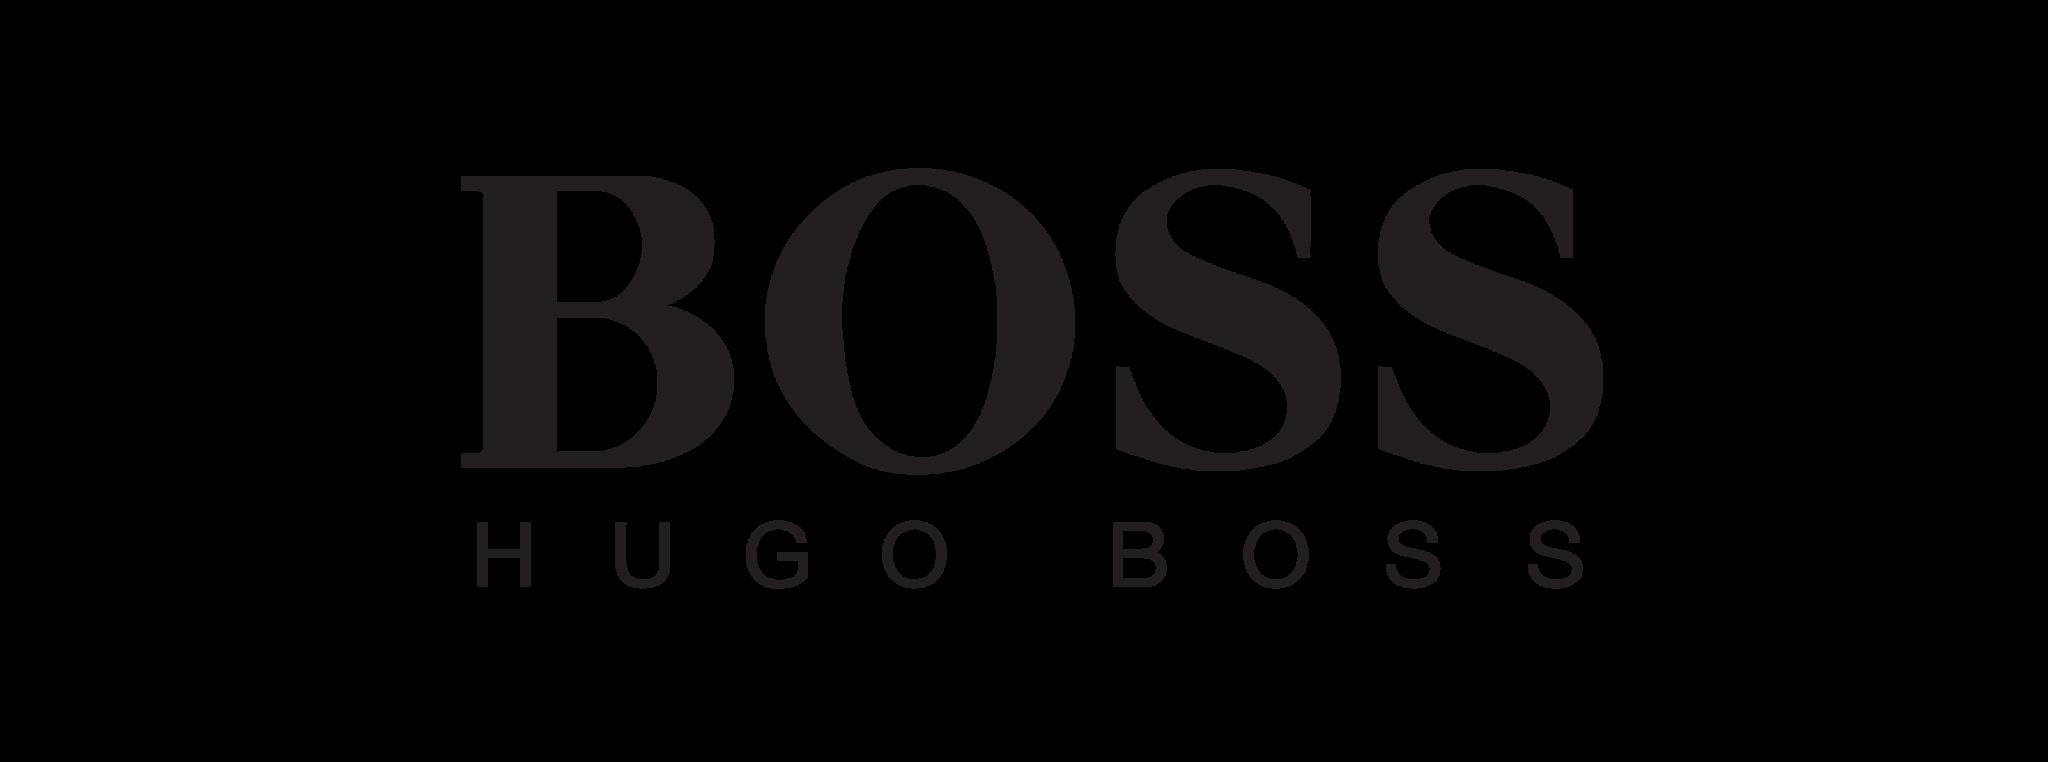 Hugo boss бренд почему работодатели не берут на работу девушек